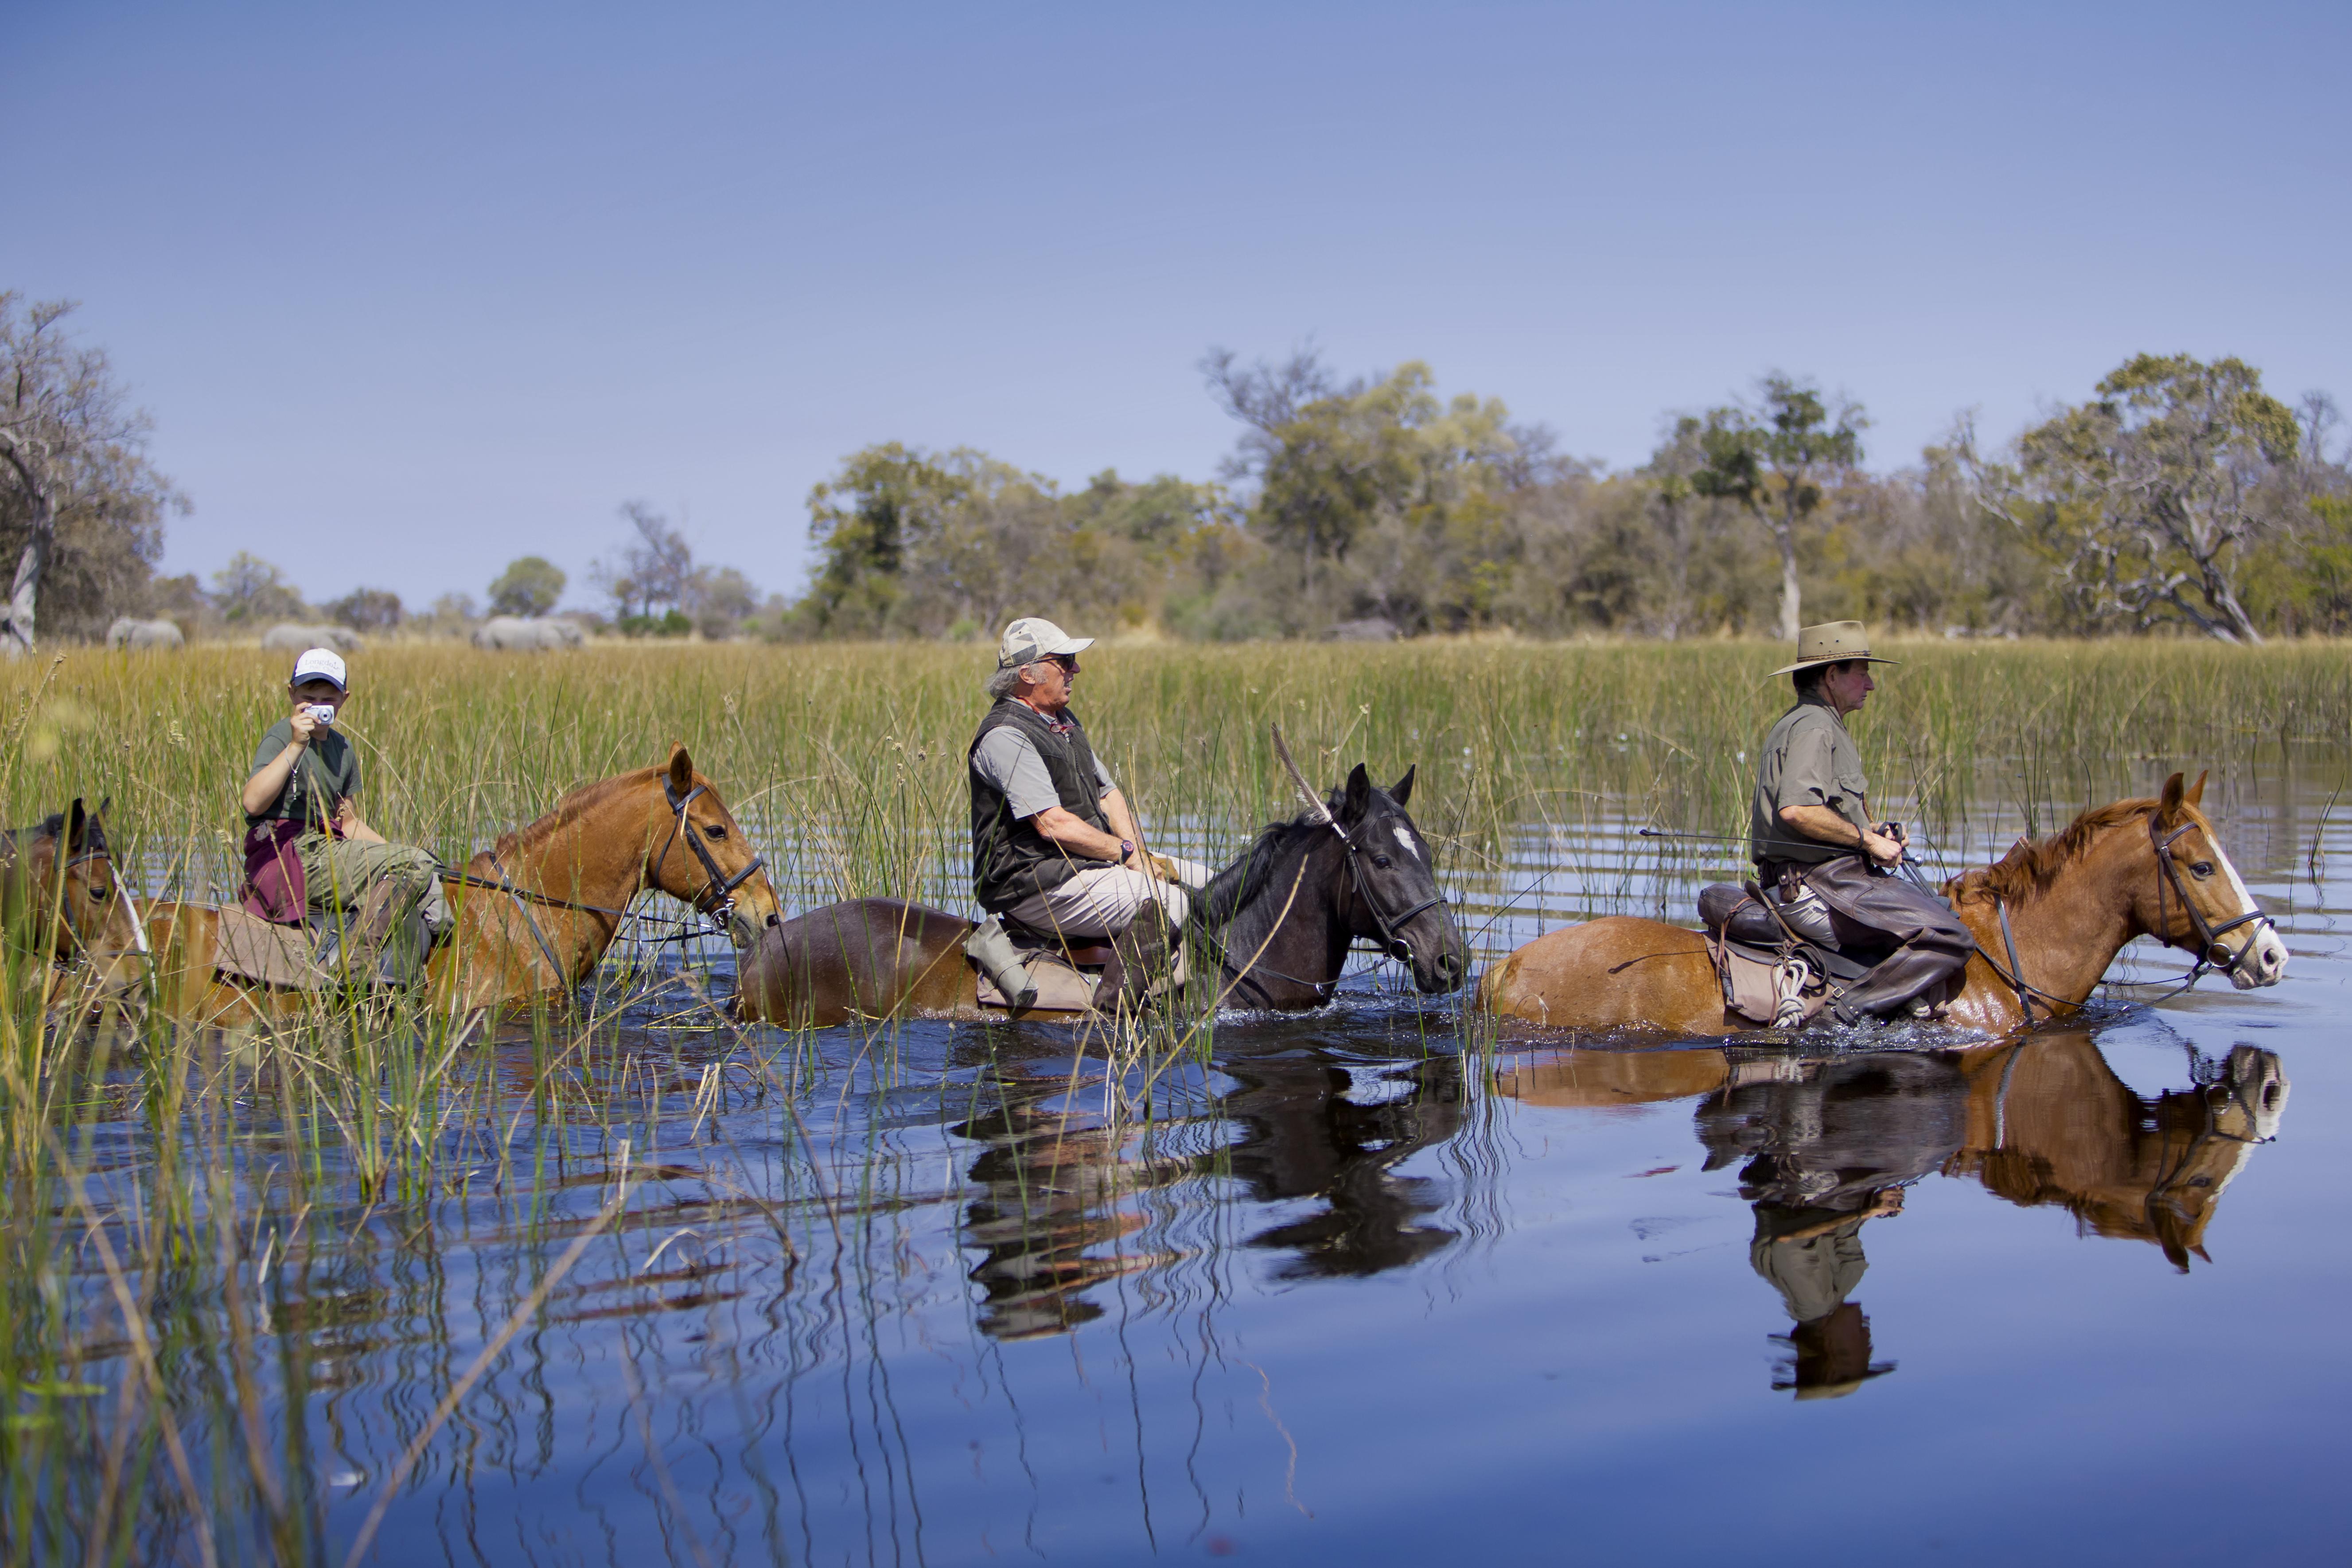 RAW Motswiri Botswana horses